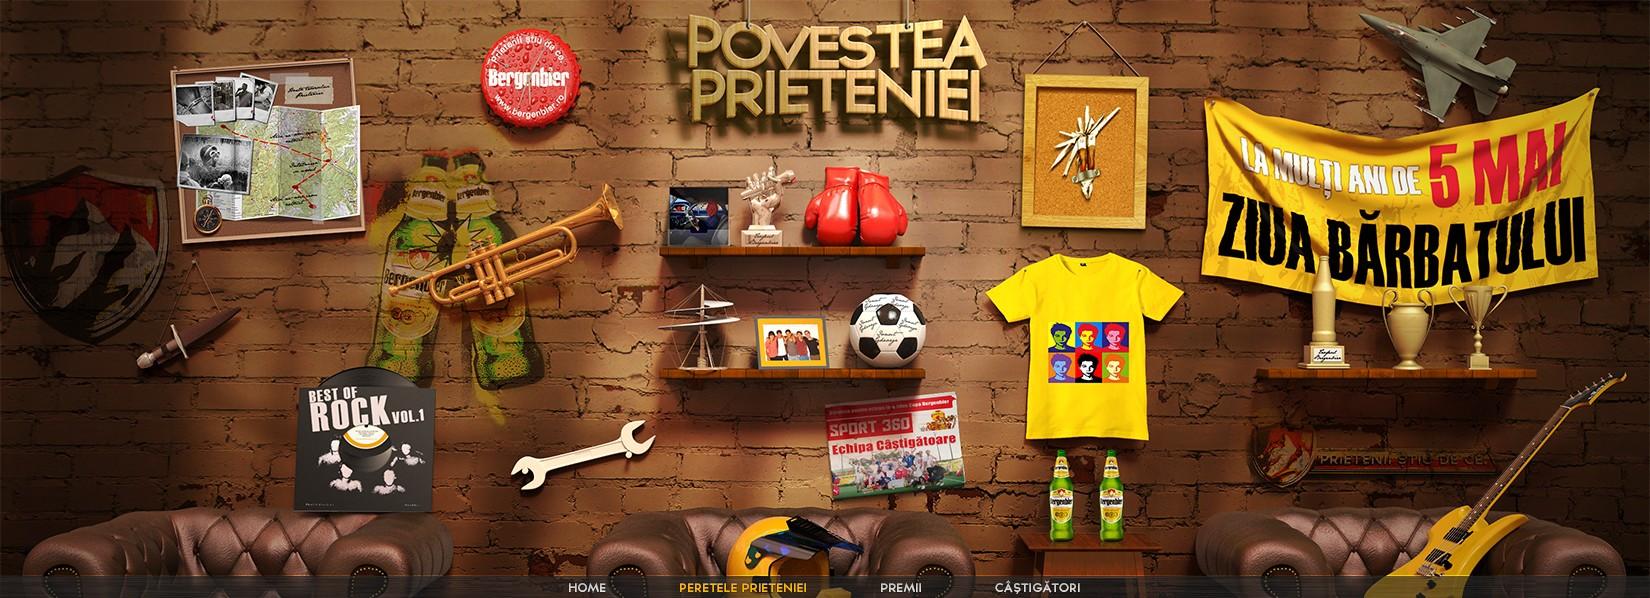 fb_app_perete-poveste-e1384177490888.jpg